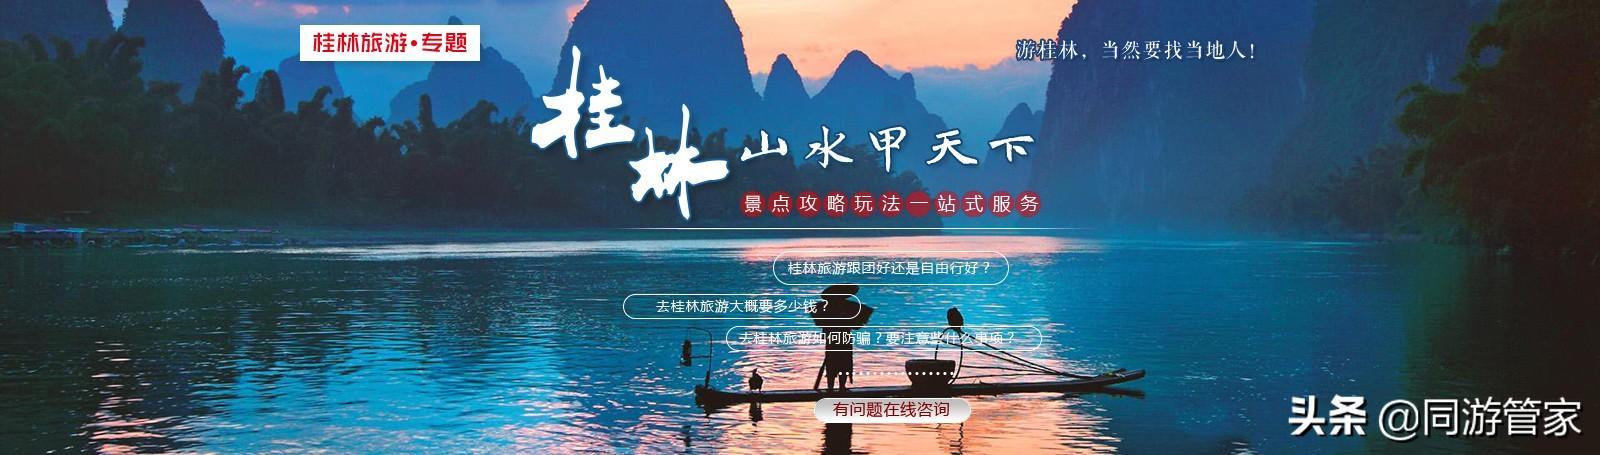 桂林旅游攻略必去景点,广西桂林山水甲天下必去景点推荐附桂林旅游攻略注意事项指南